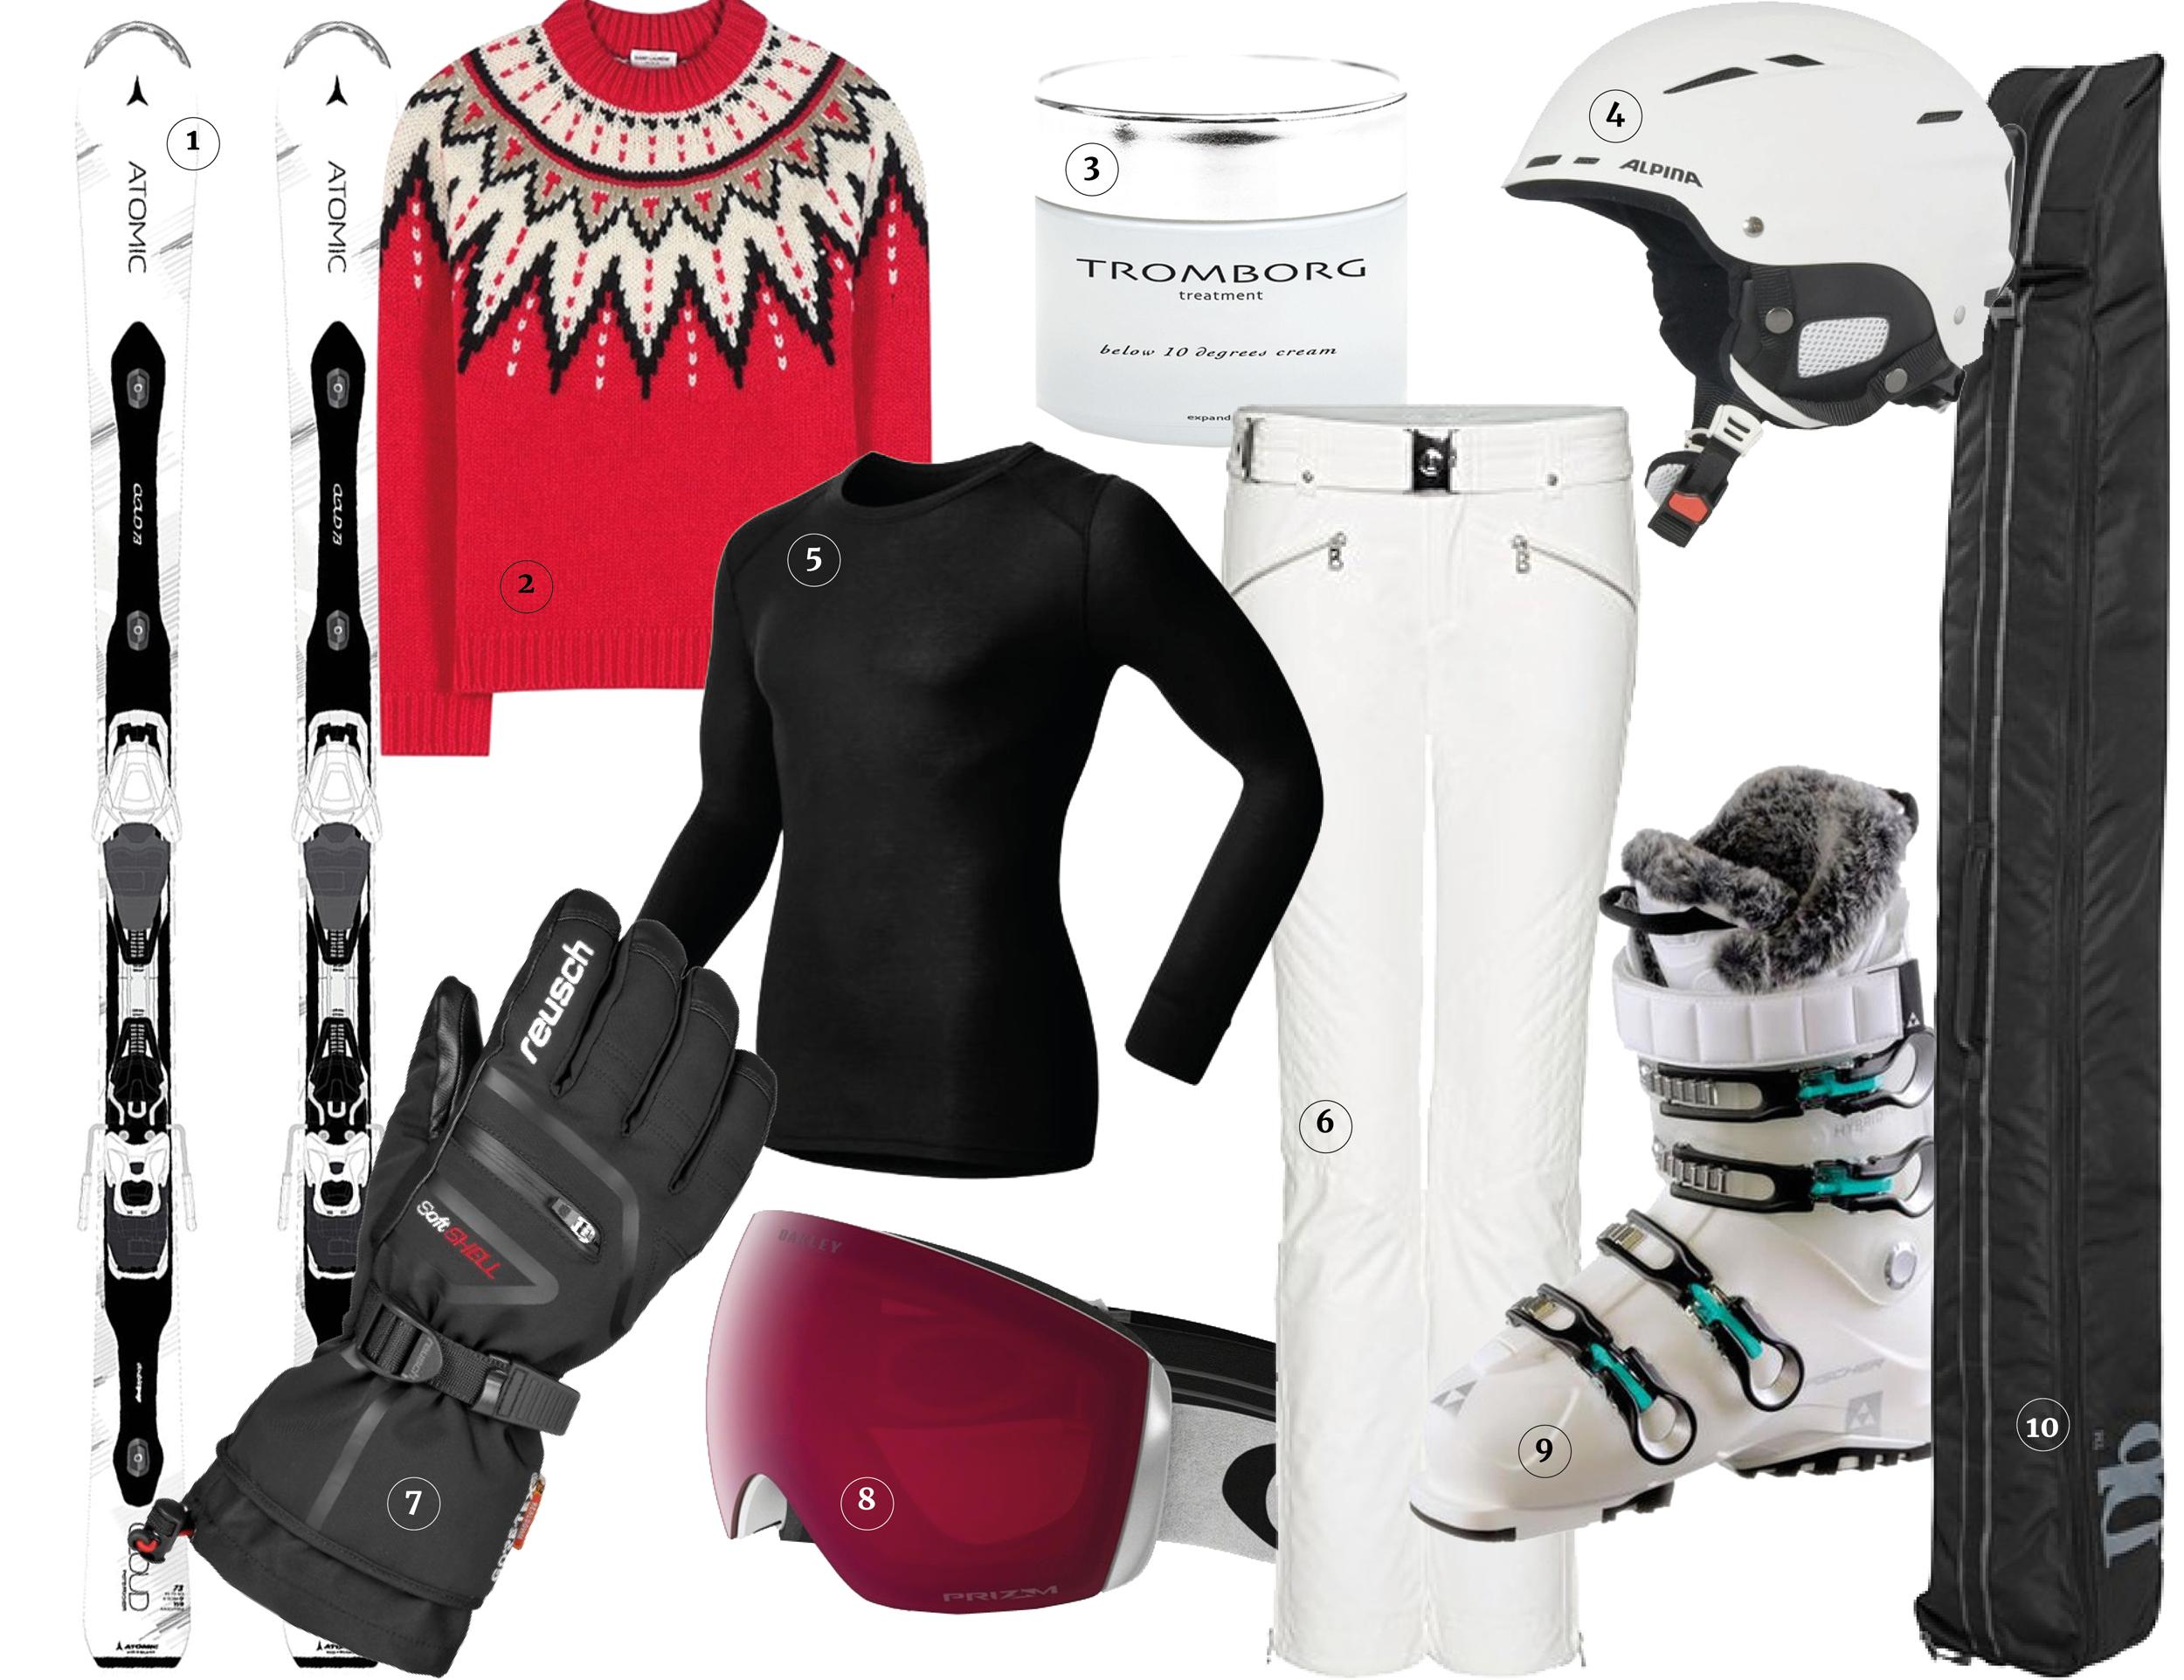 Ski cravings _ Ski Zubehör _ Ski Ausrüstung _ Oakley Prizm